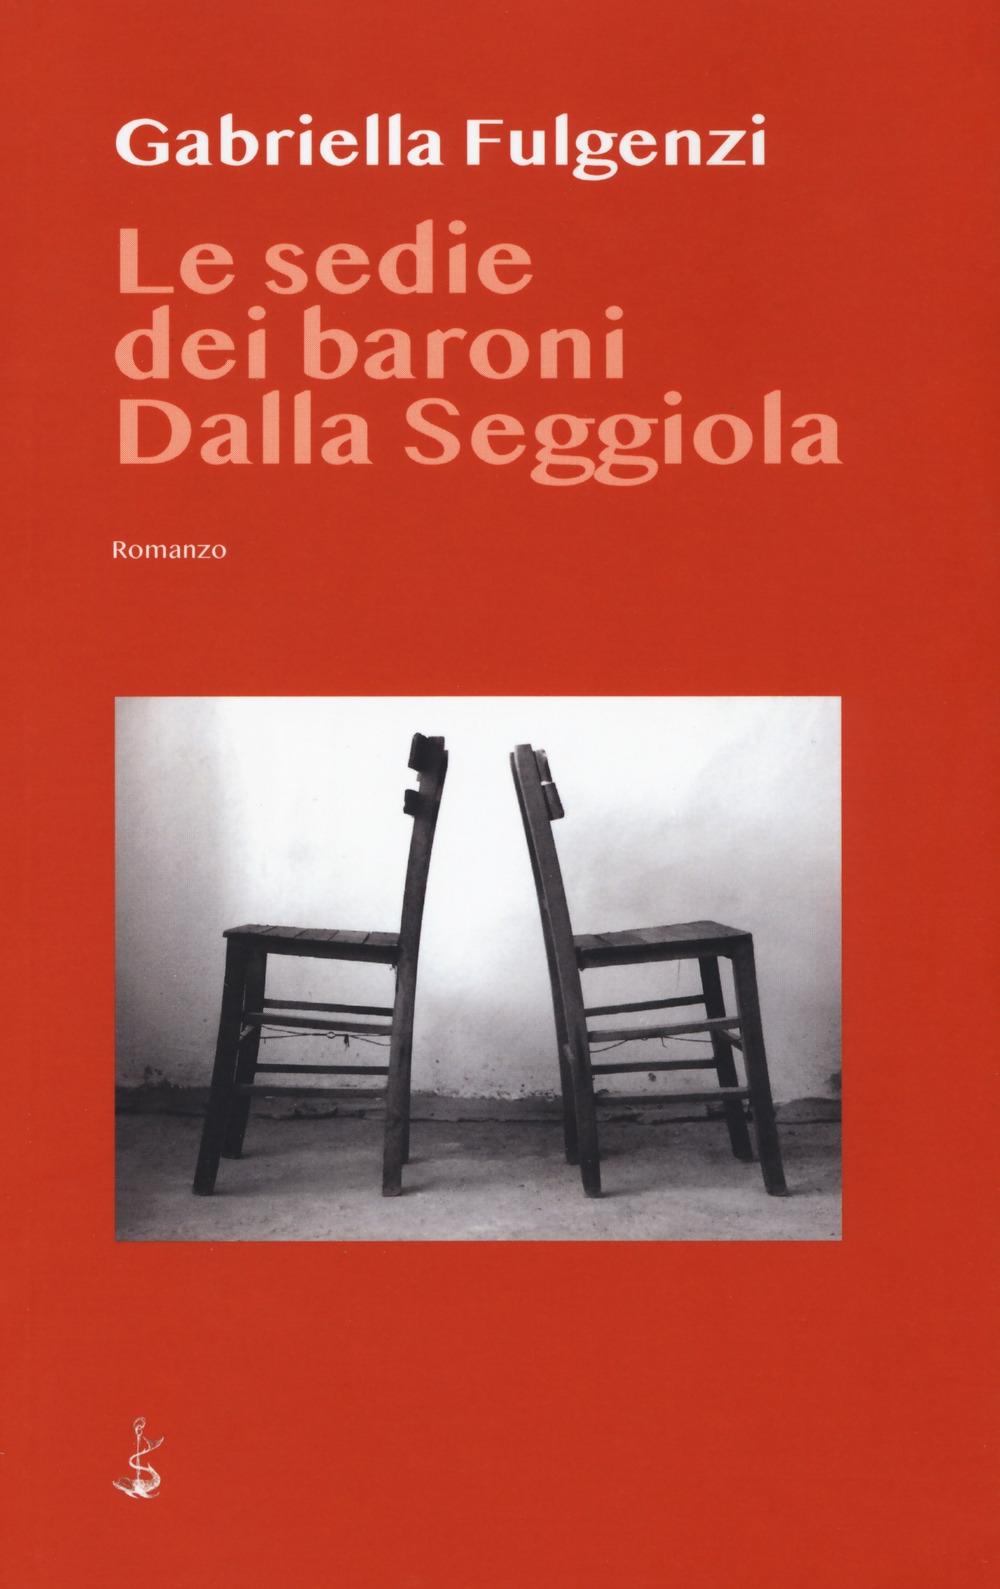 Le sedie dei baroni dalla seggiola